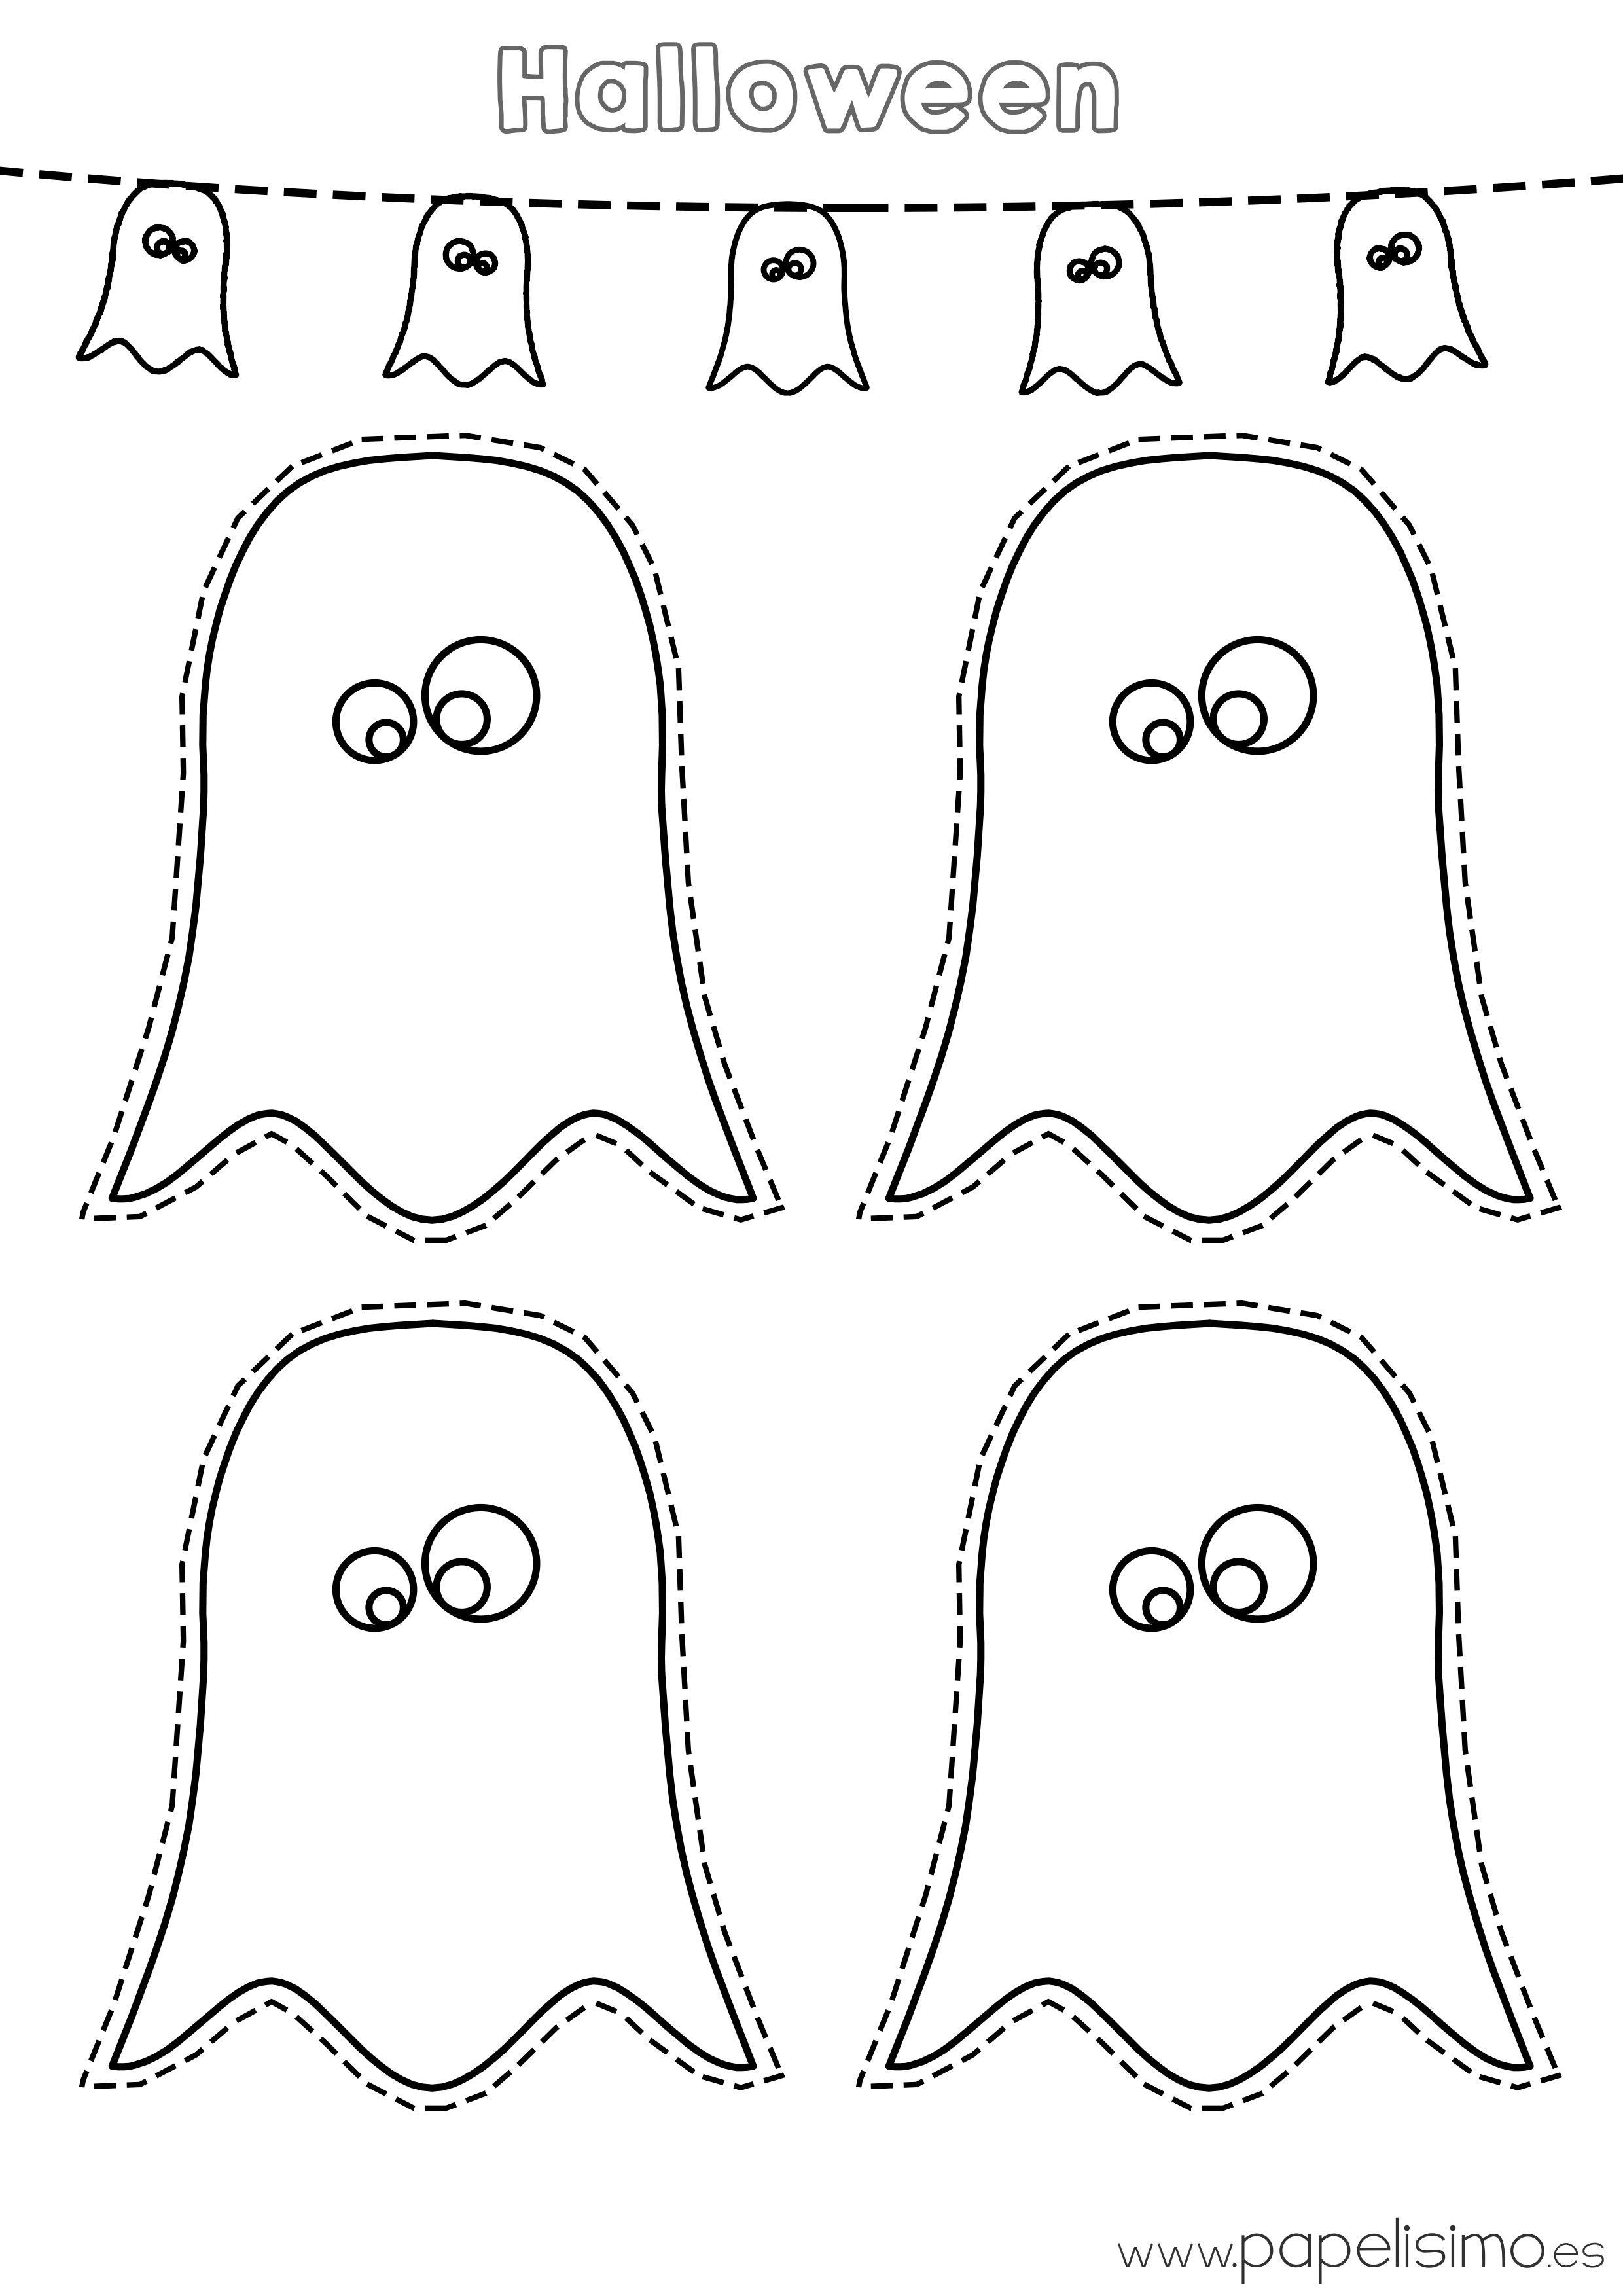 Dibujos-fantasmas-de-Halloween-para-imprimir-y-recortar | Halloween ...